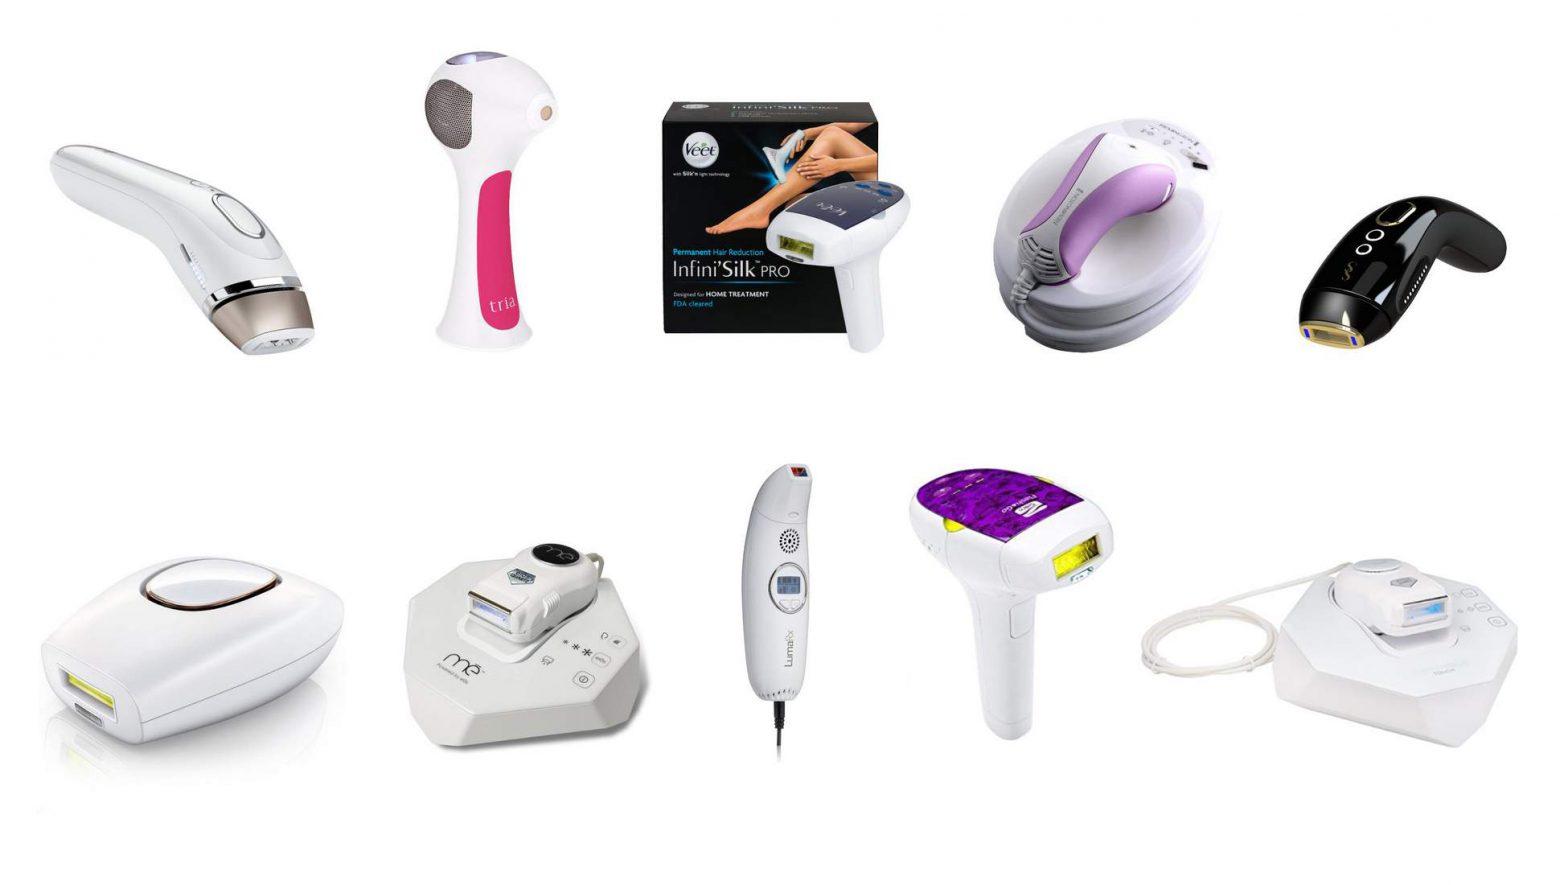 اجهزة الليزر المنزلية , صور لأحدث اجهزة الليزر - المرأة ...